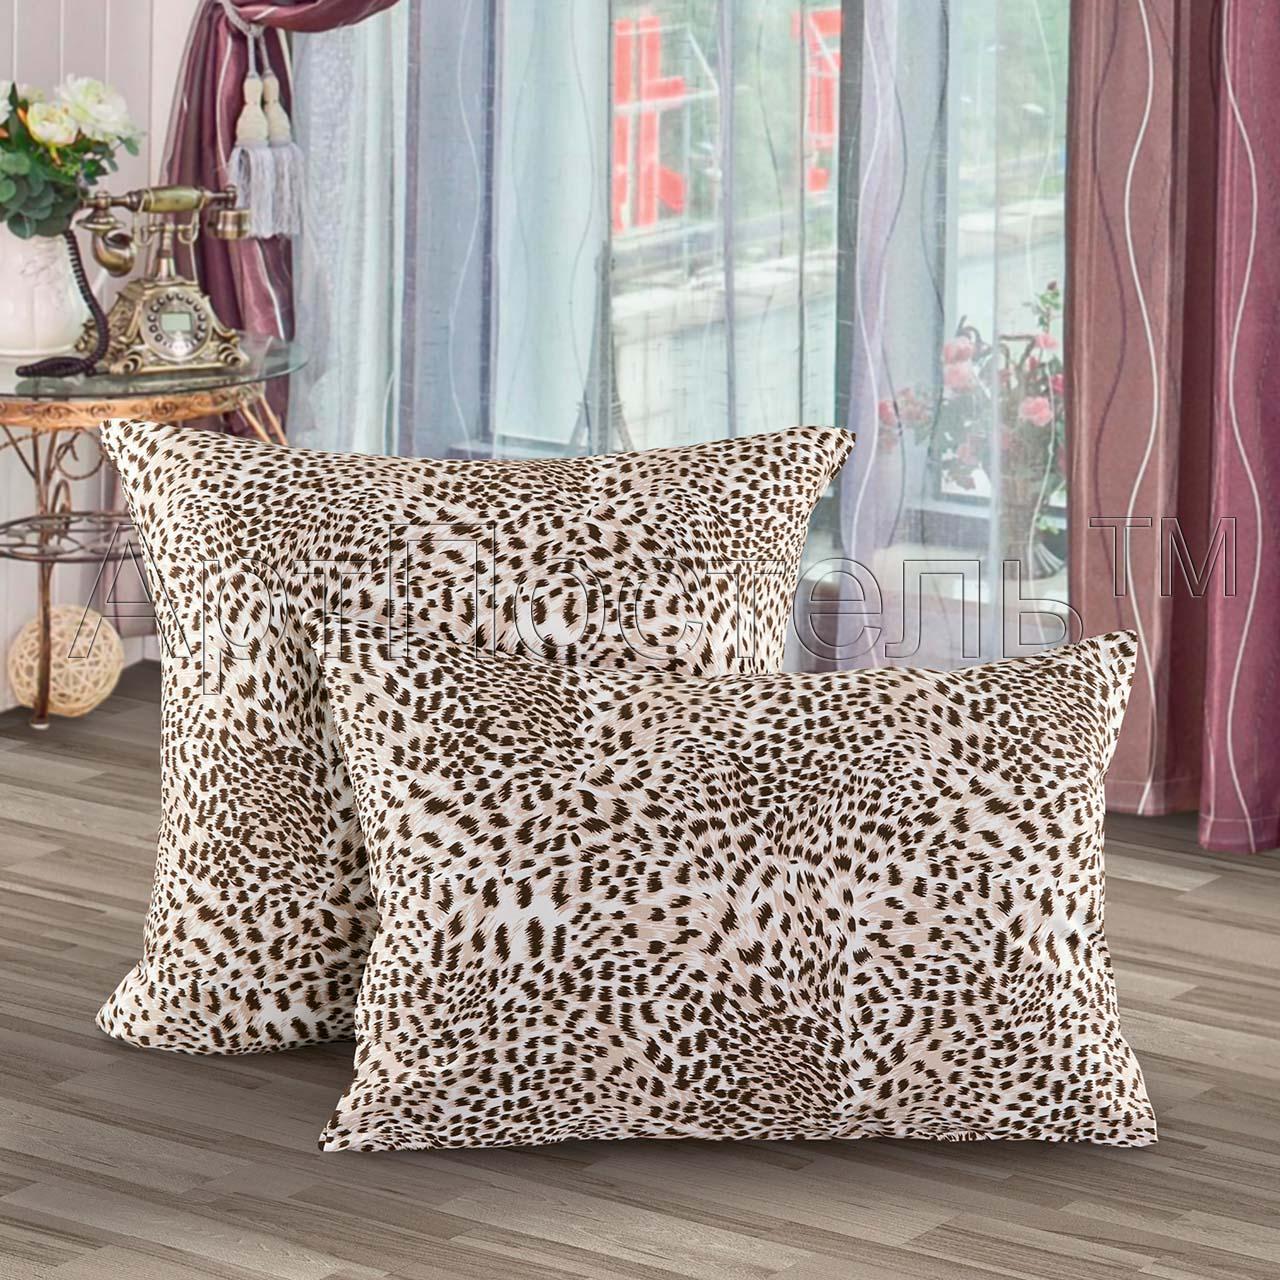 Наволочки  Леопард  р. 50х70 - Постельное белье артикул: 26994